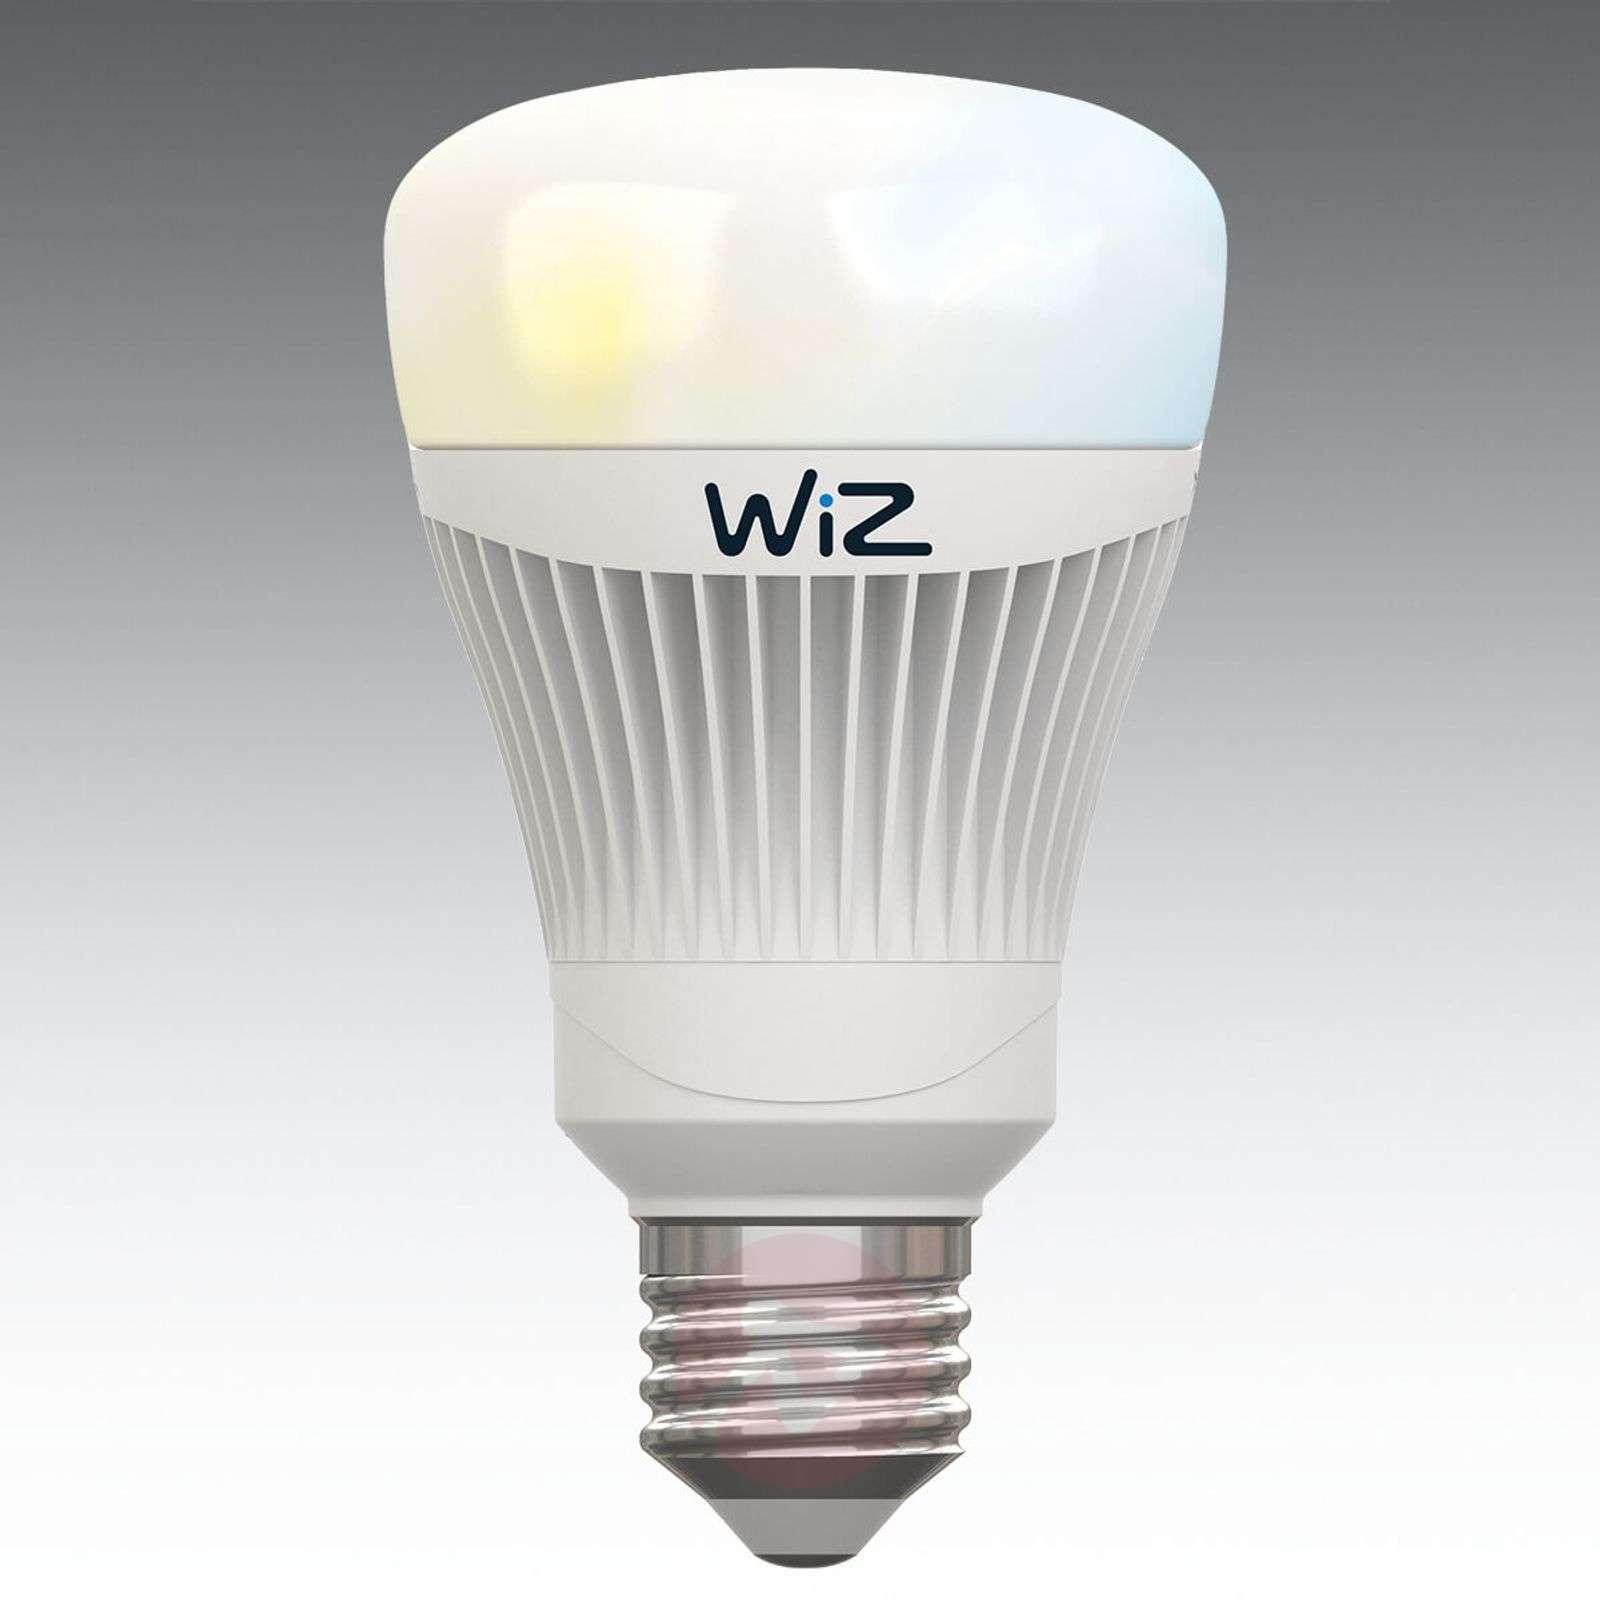 LED-lamppu E27 WiZ, ilman kaukosäädintä, valkoinen-9038071-01